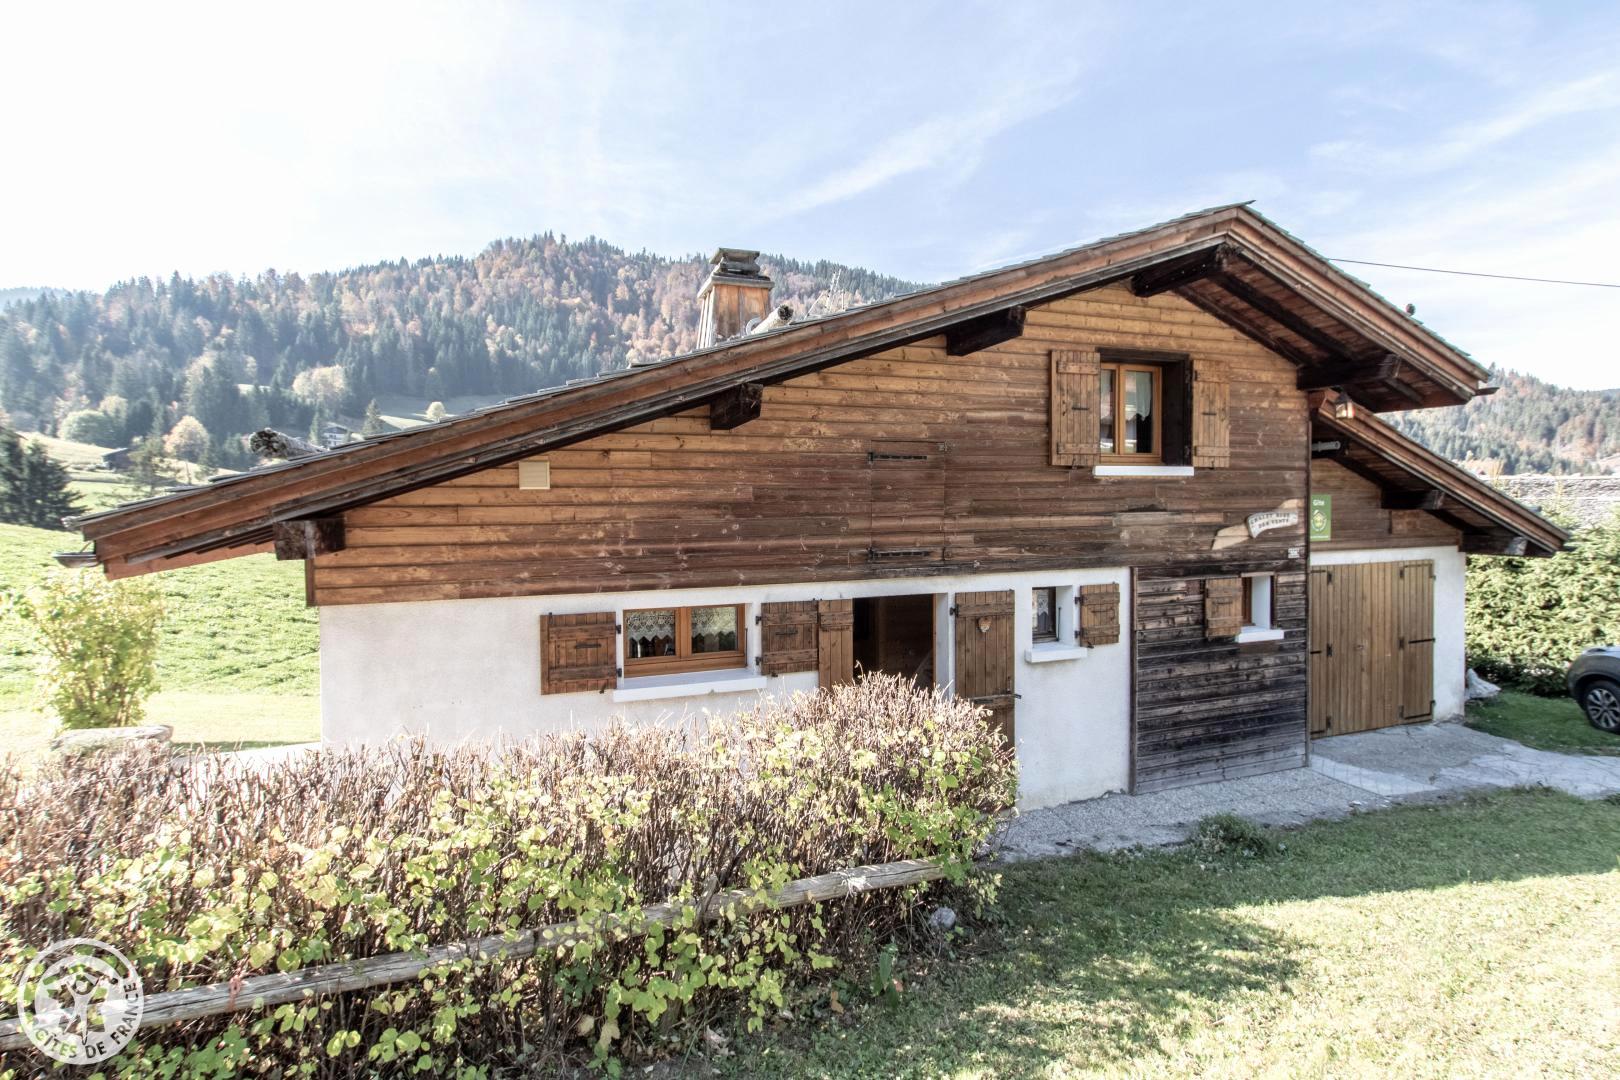 Chambre D Hote Haute Savoie Frais Location Vacances G Te G avec Chambre D Hote Cote De Granit Rose